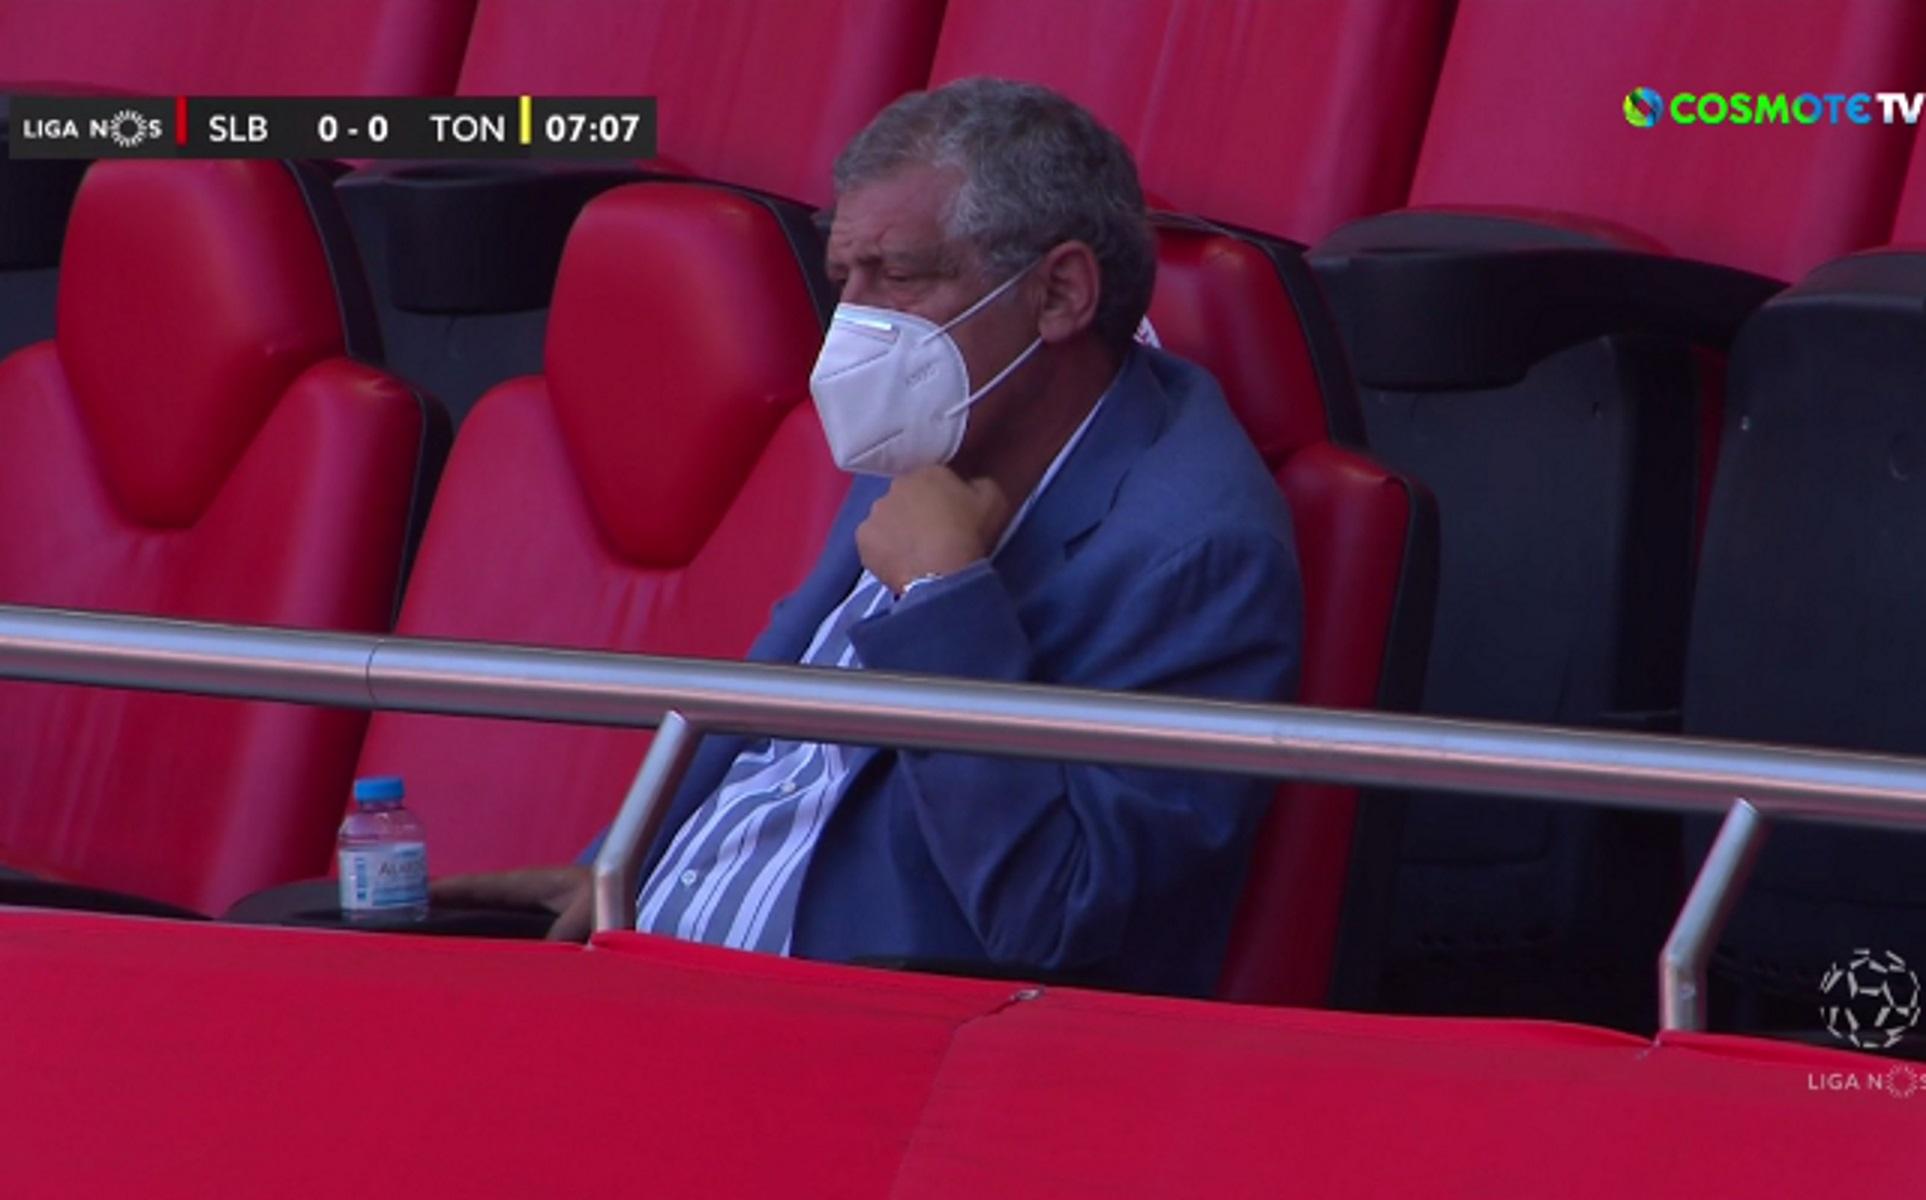 """Φερνάντο Σάντος: Μόνος και με μάσκα στις εξέδρες του """"Ντα Λουζ"""" (video)"""